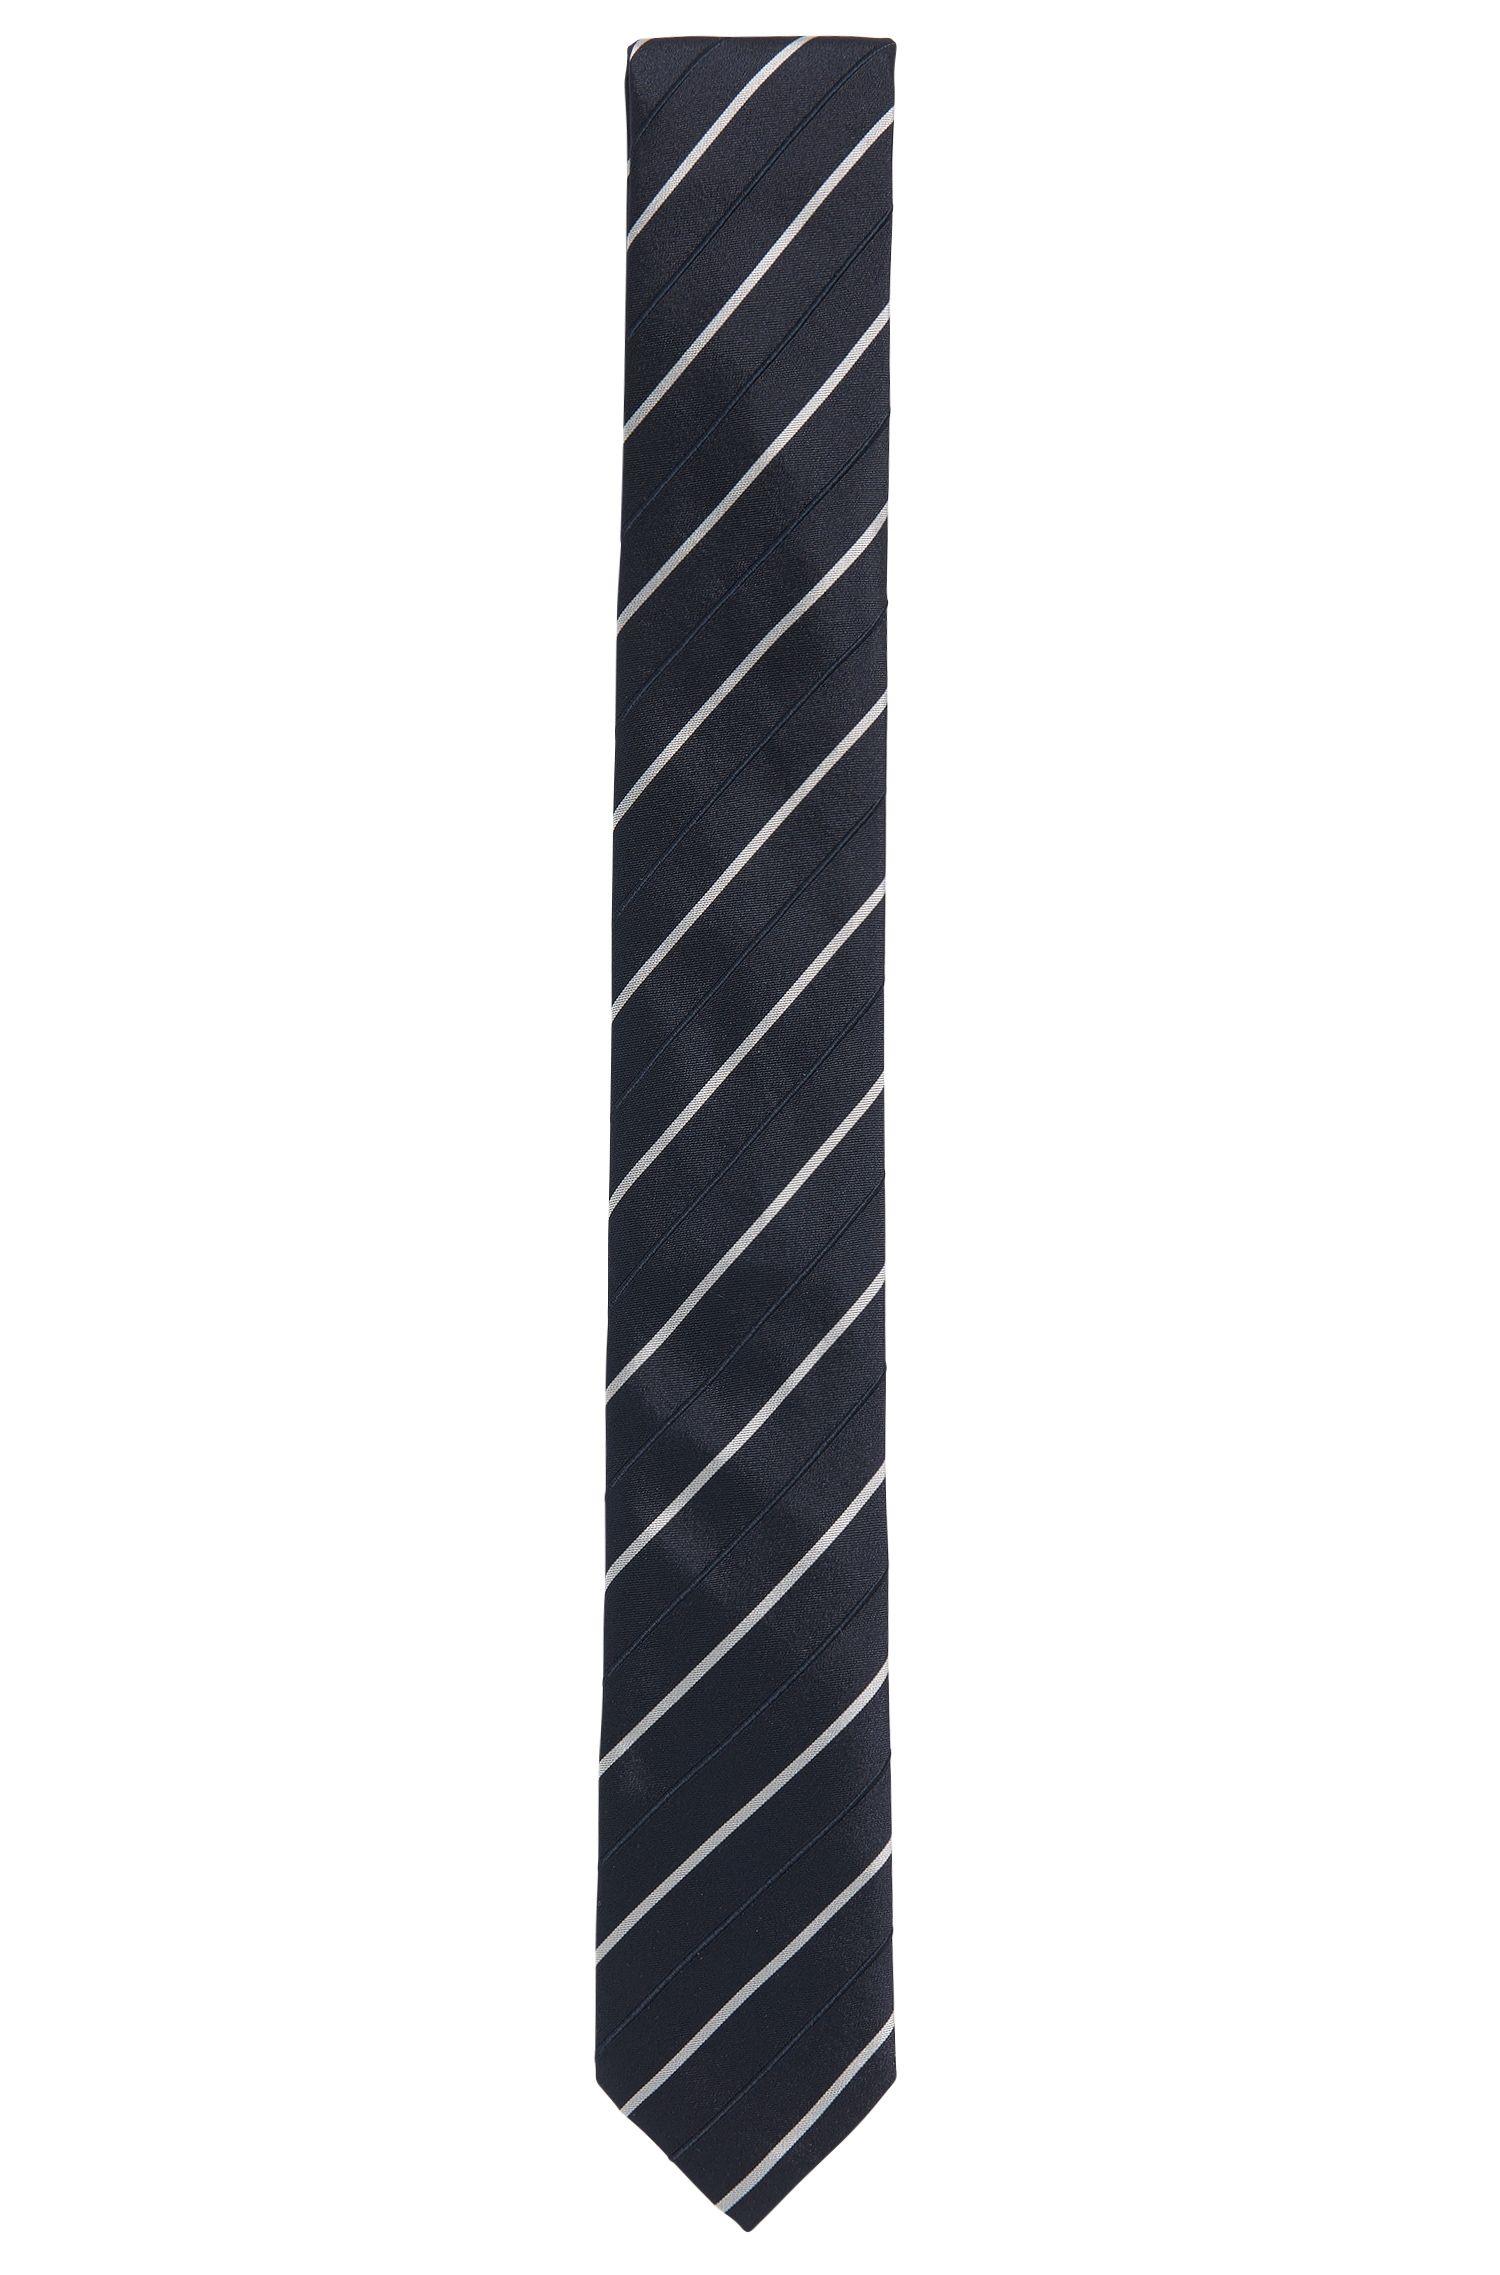 Stripe Embroidered Silk Tie, Slim | Tie 6 cm